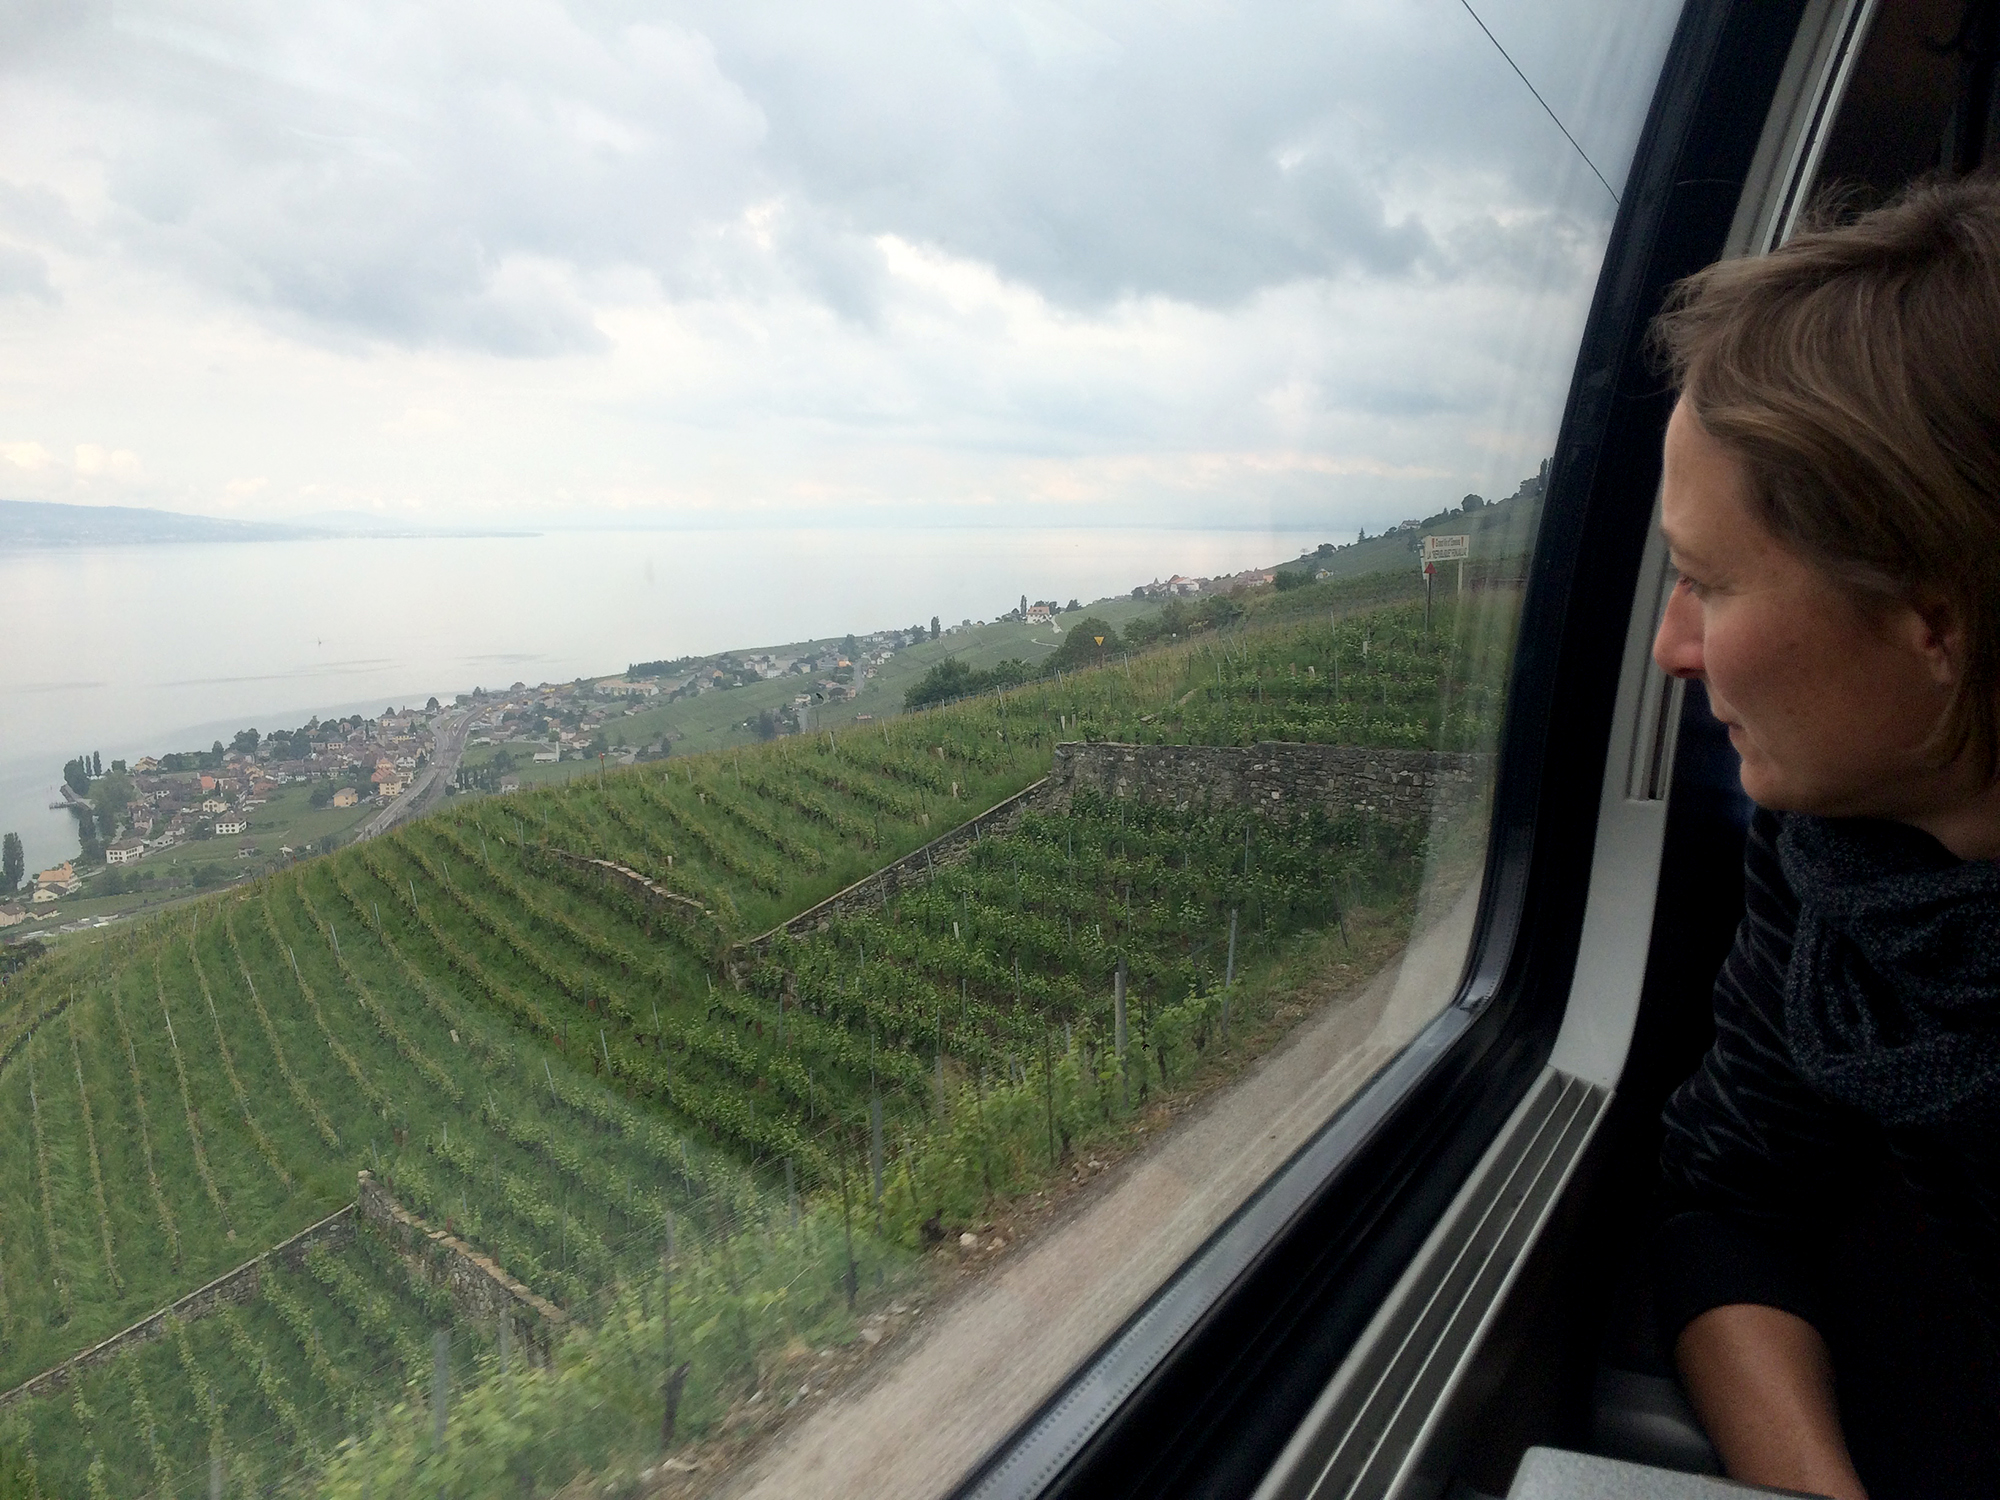 Zugfahrt mit Aussicht auf die Rebberge am Genfersee